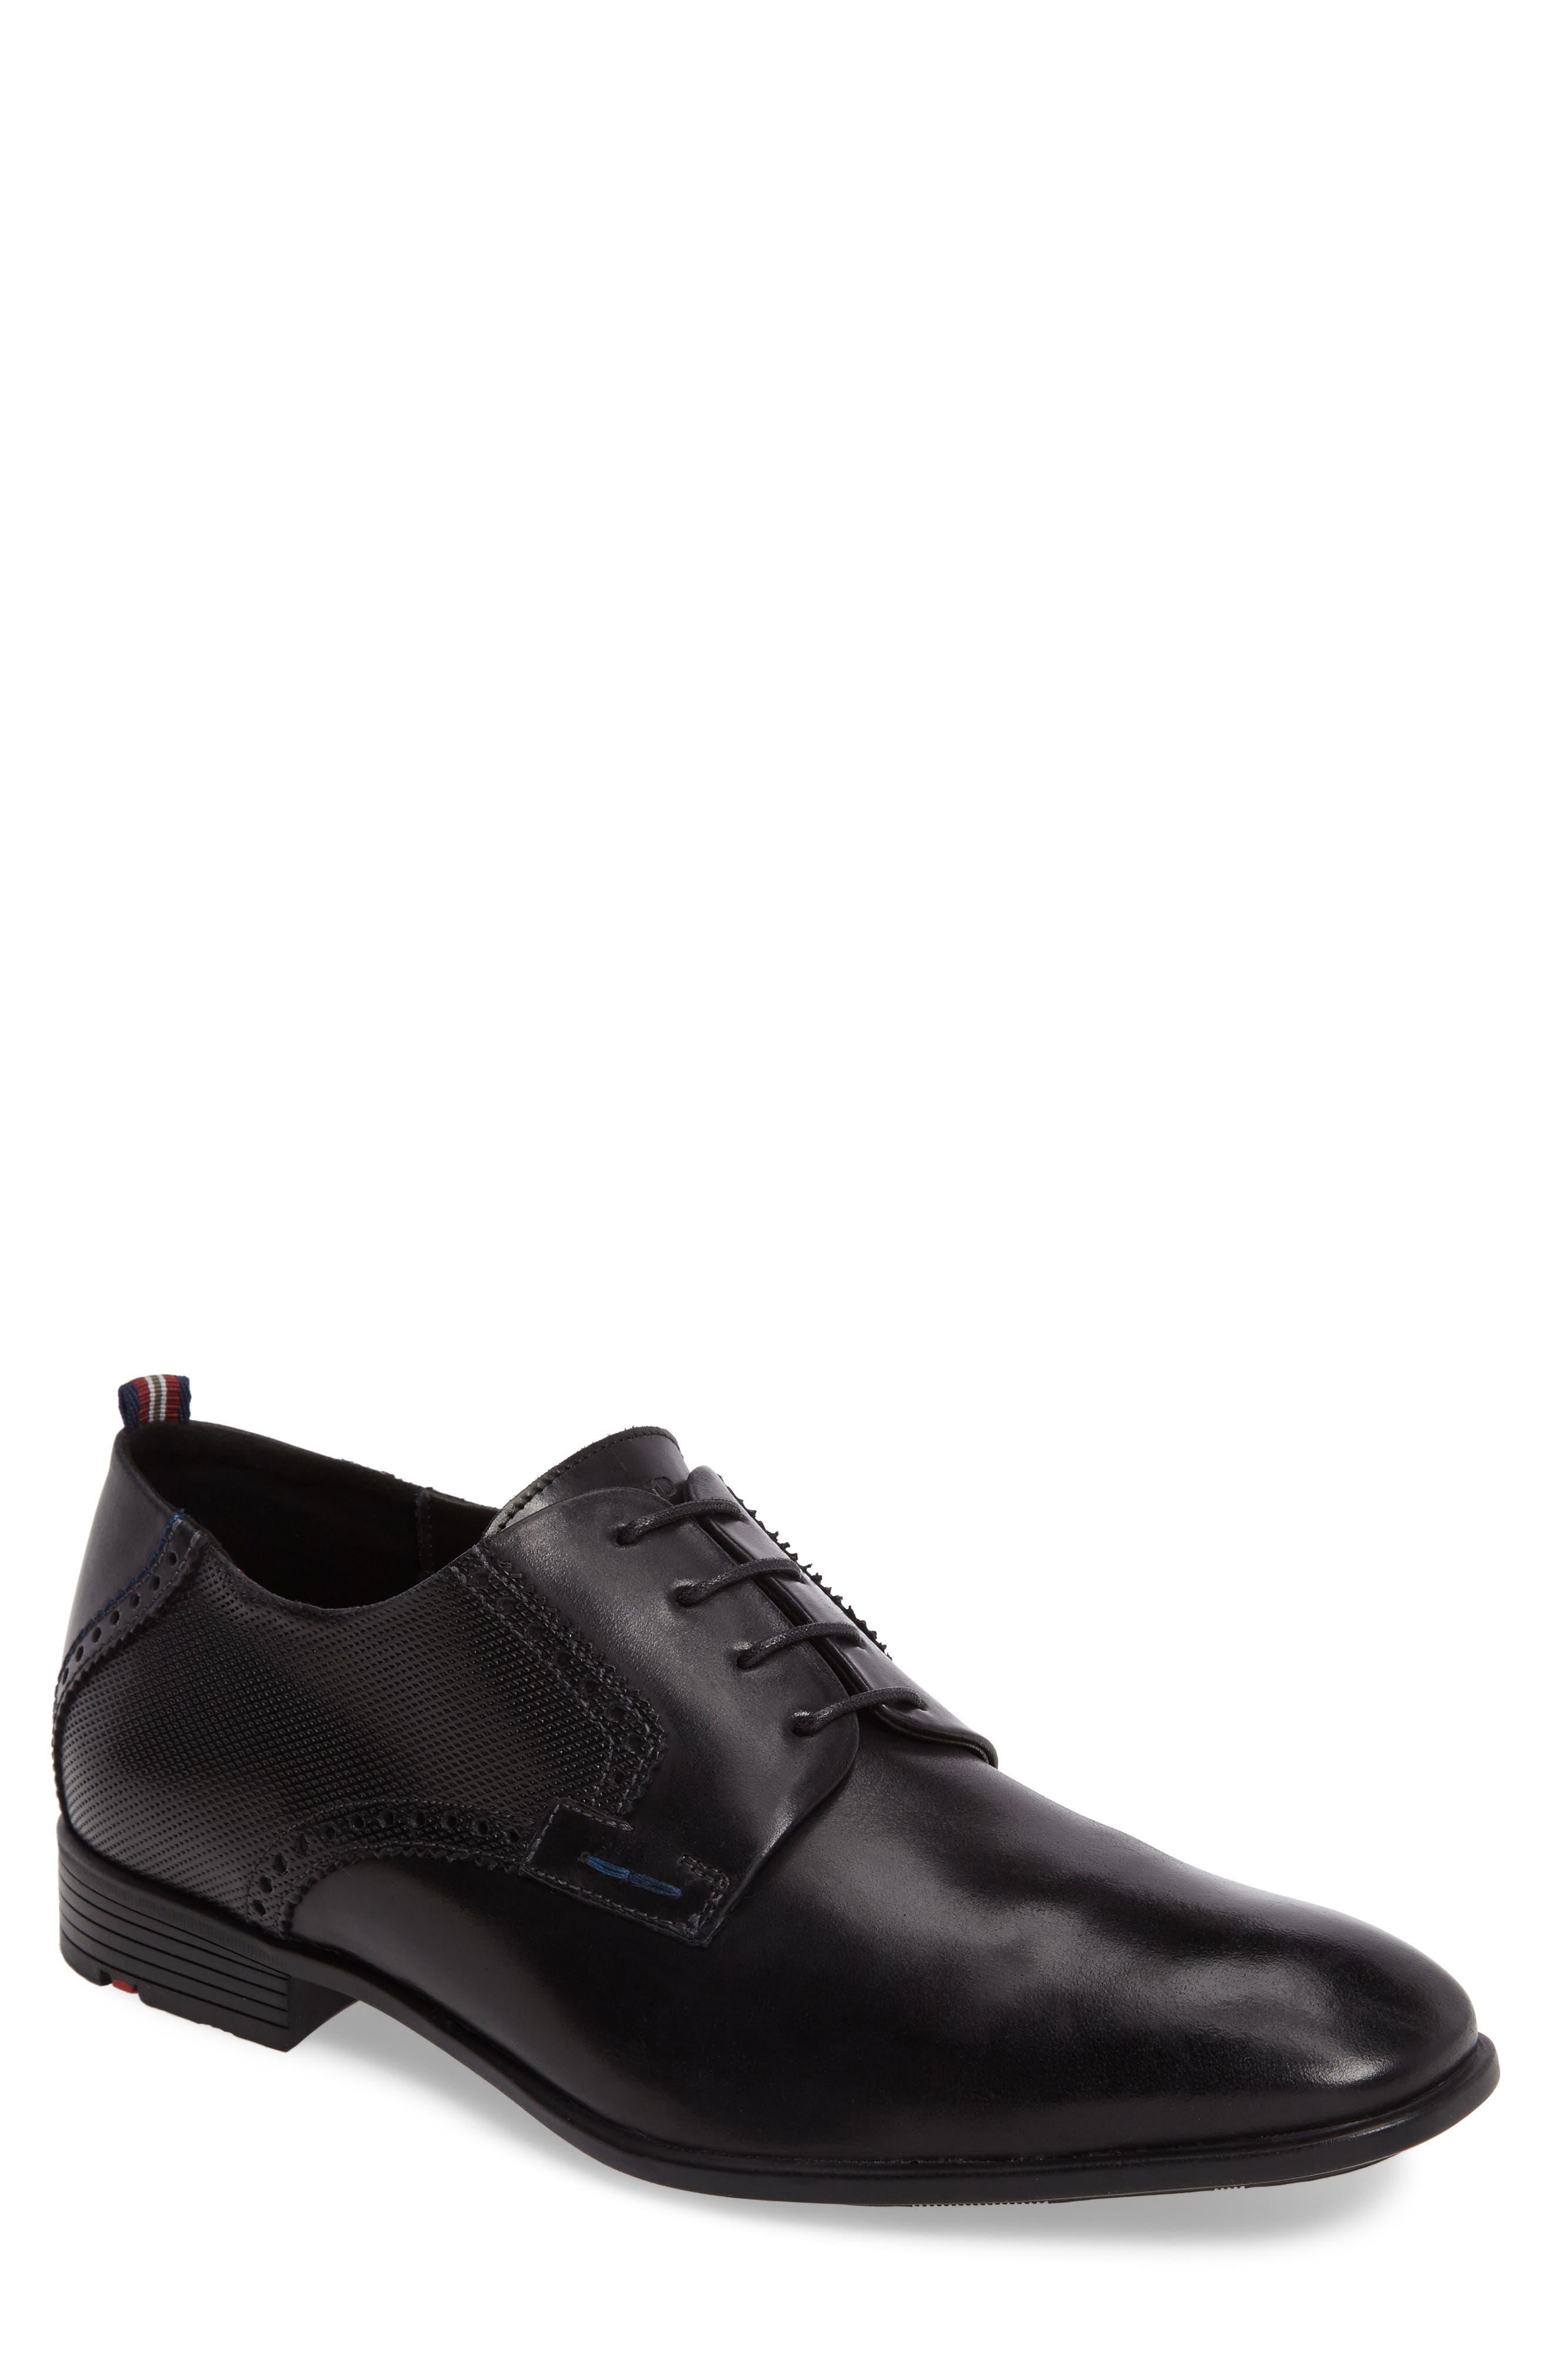 Dejan Plain Toe Derby,                         Main,                         color, BLACK LEATHER